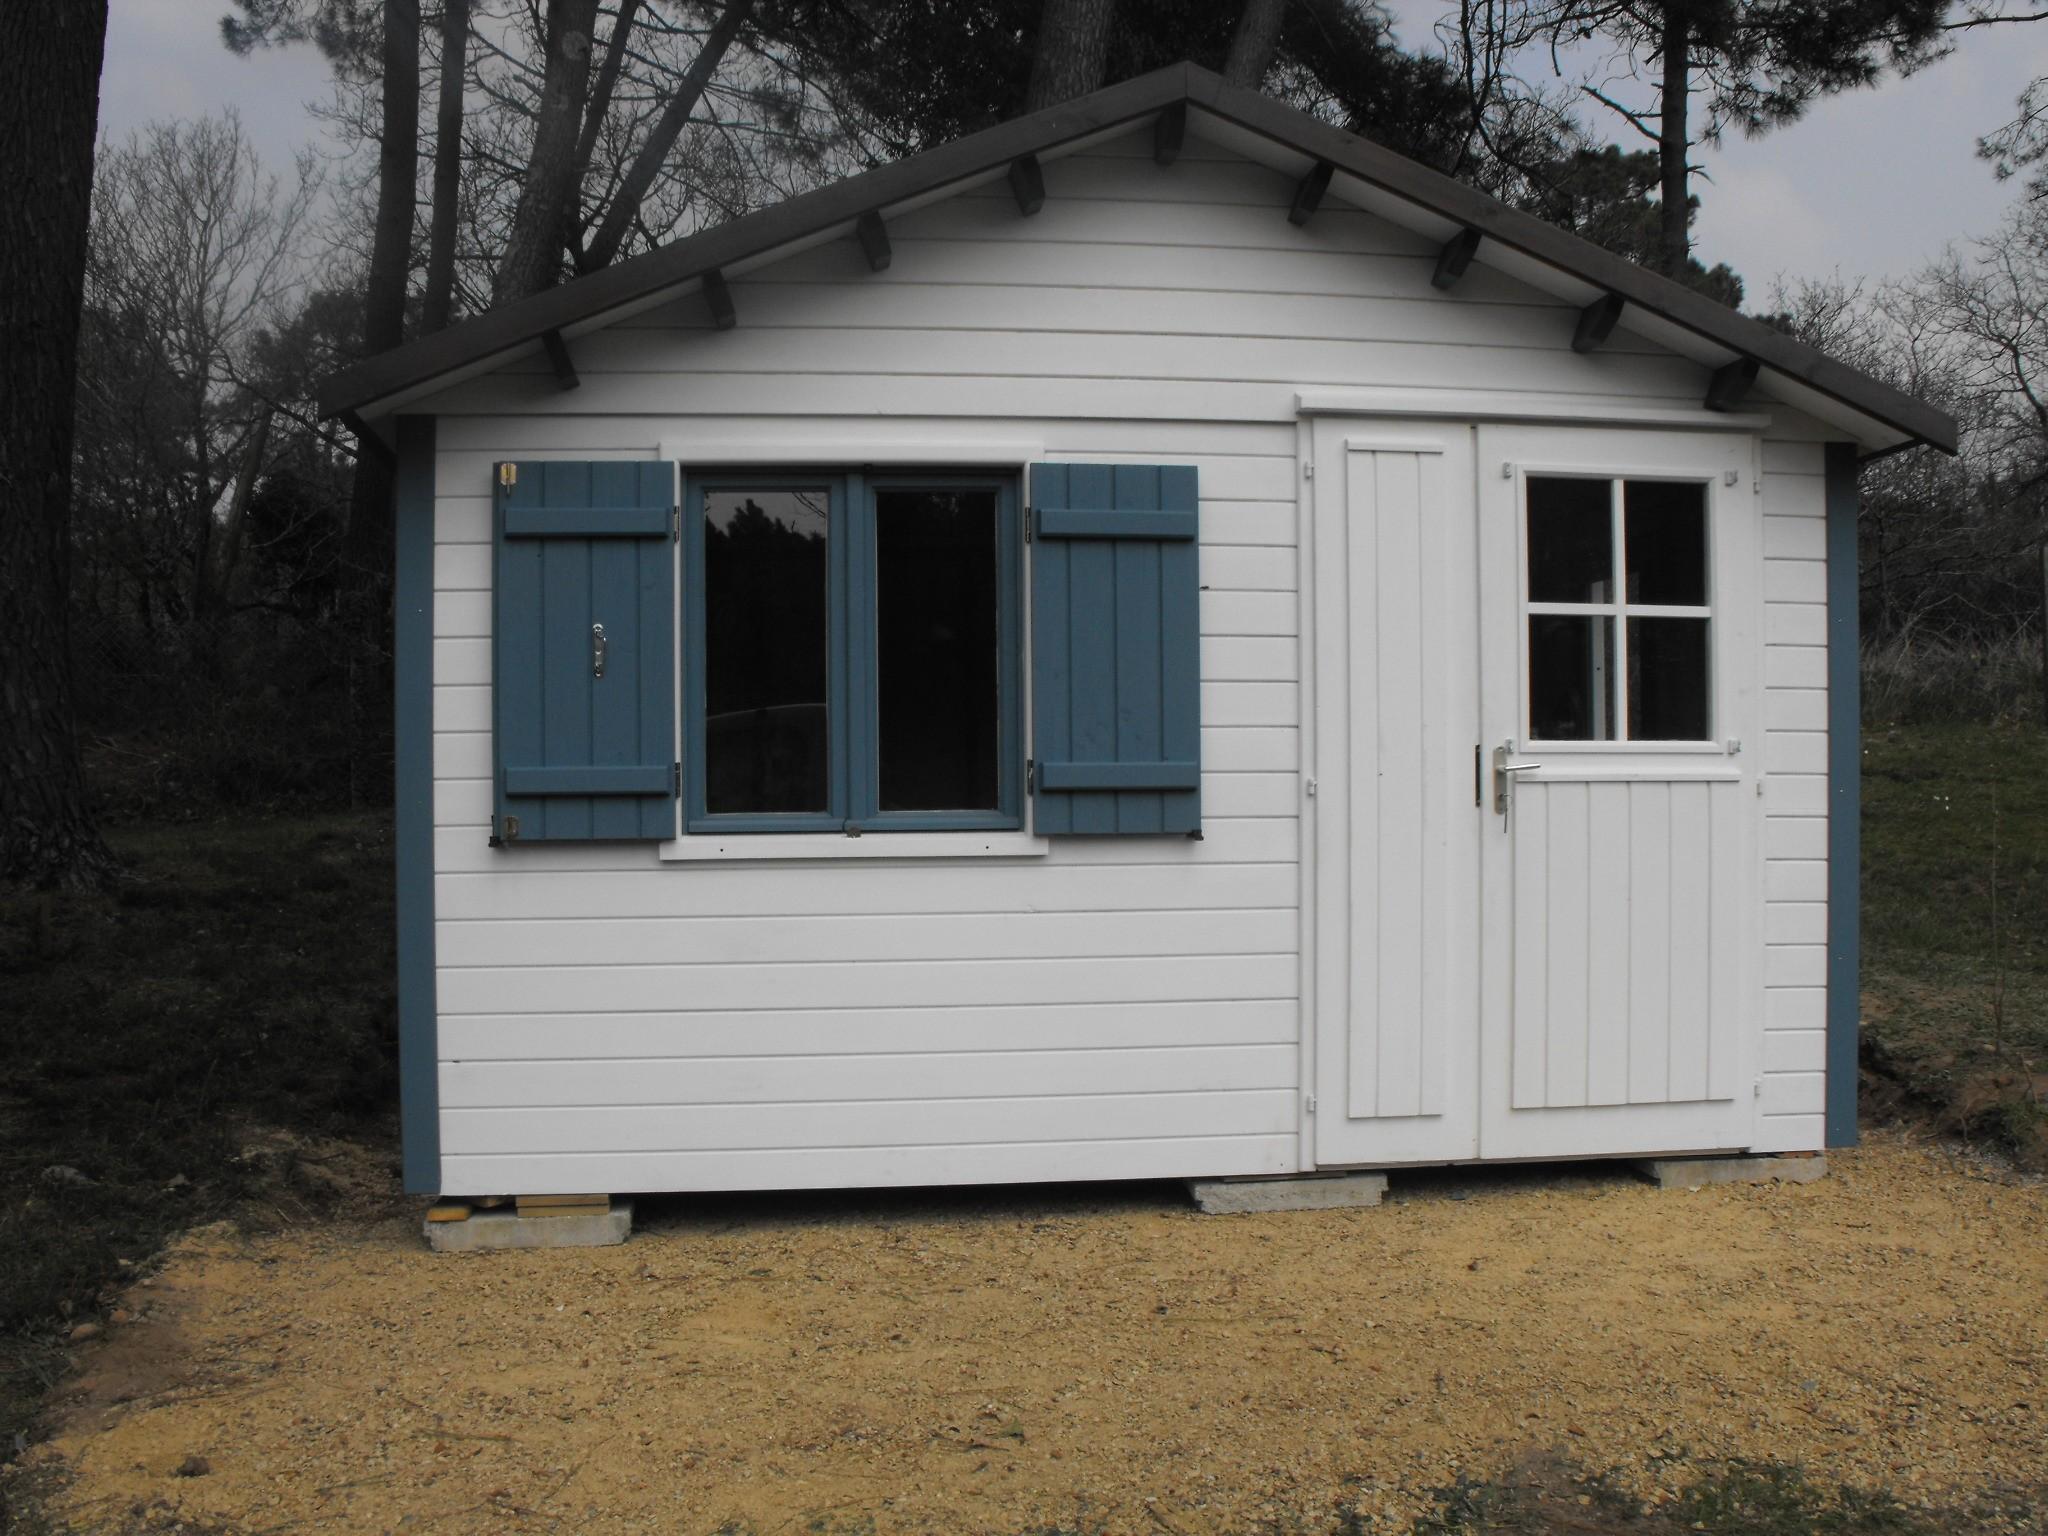 monter un abri de jardin leroy merlin of monter un abri de jardin. Black Bedroom Furniture Sets. Home Design Ideas